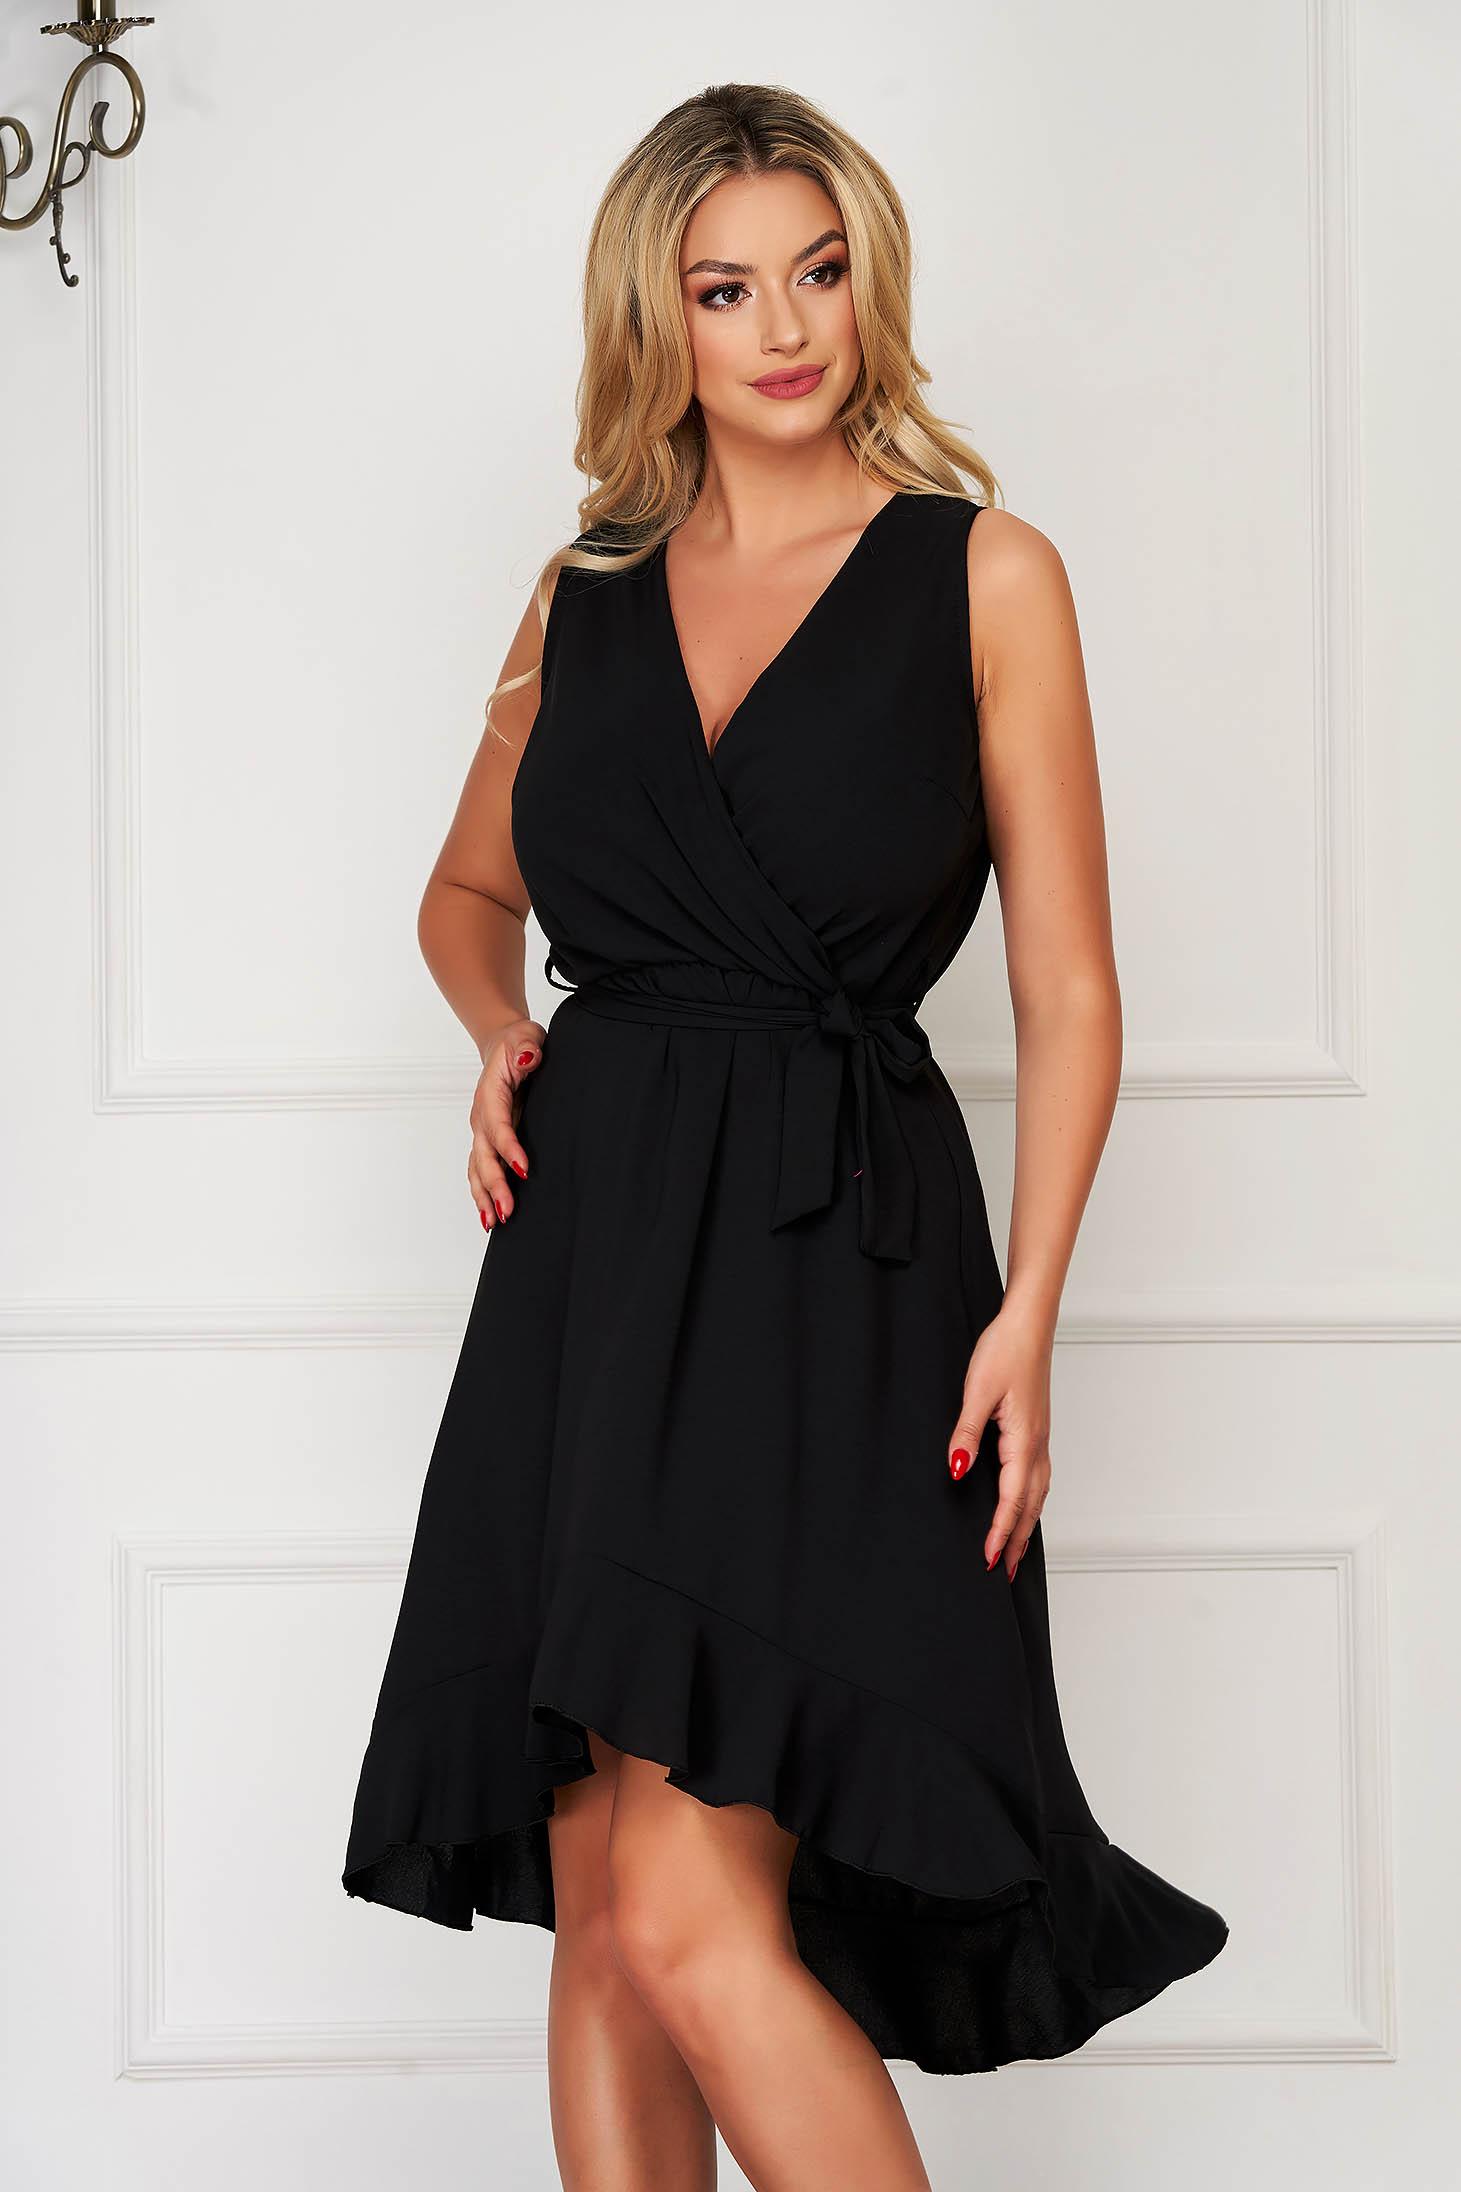 Rochie neagra eleganta de zi cu elastic in talie accesorizata cu cordon cu decolteu in v